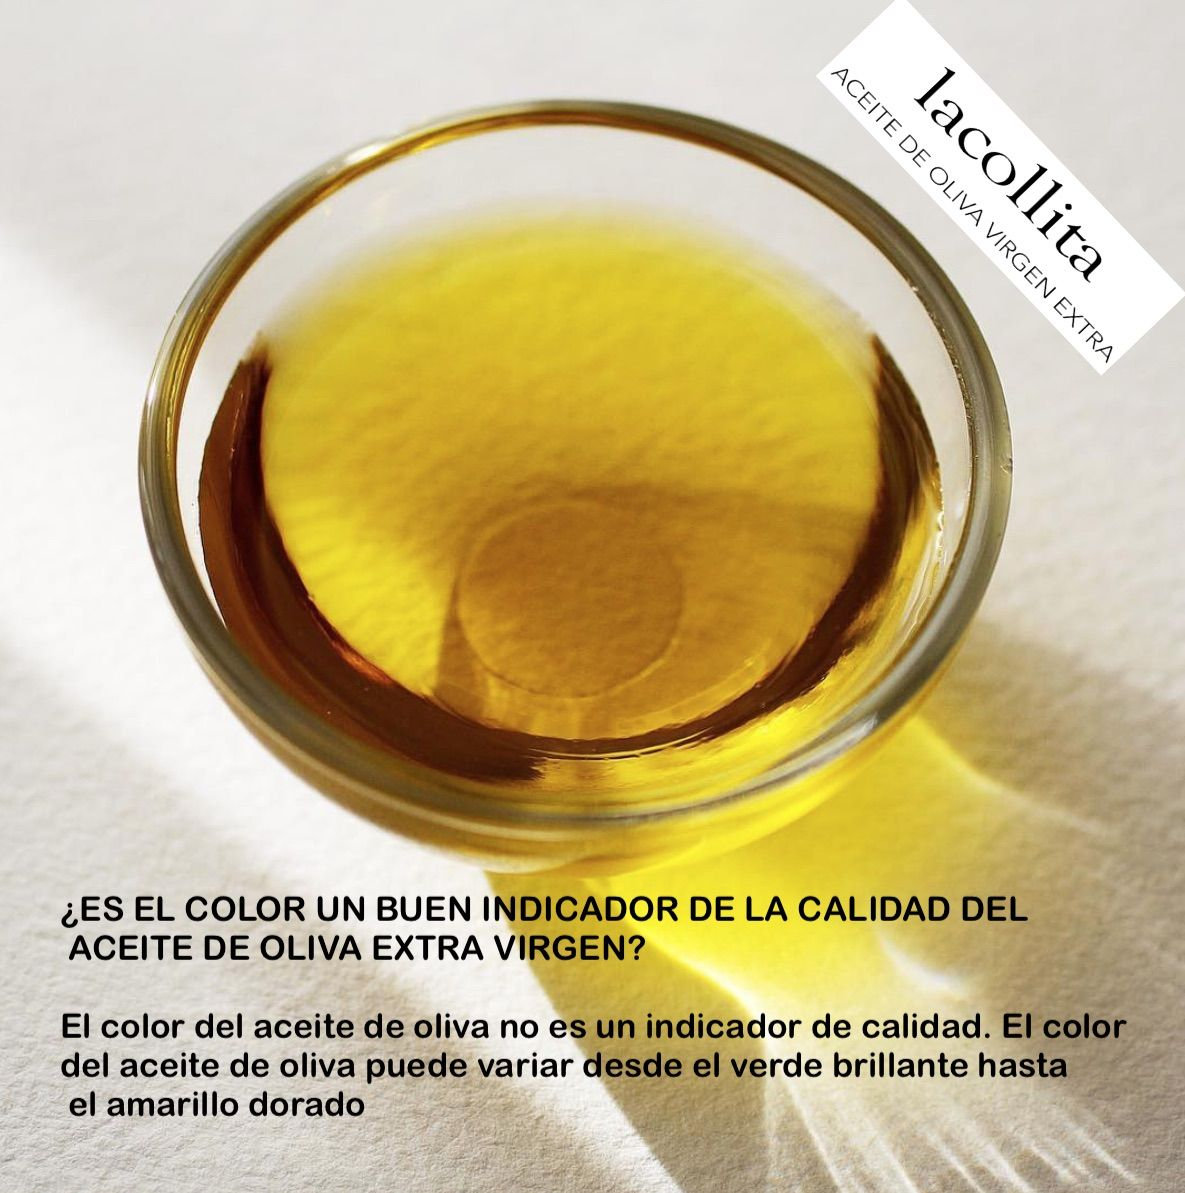 El Color Del Aceite De Oliva Es Un Buen Indicador De Calidad?